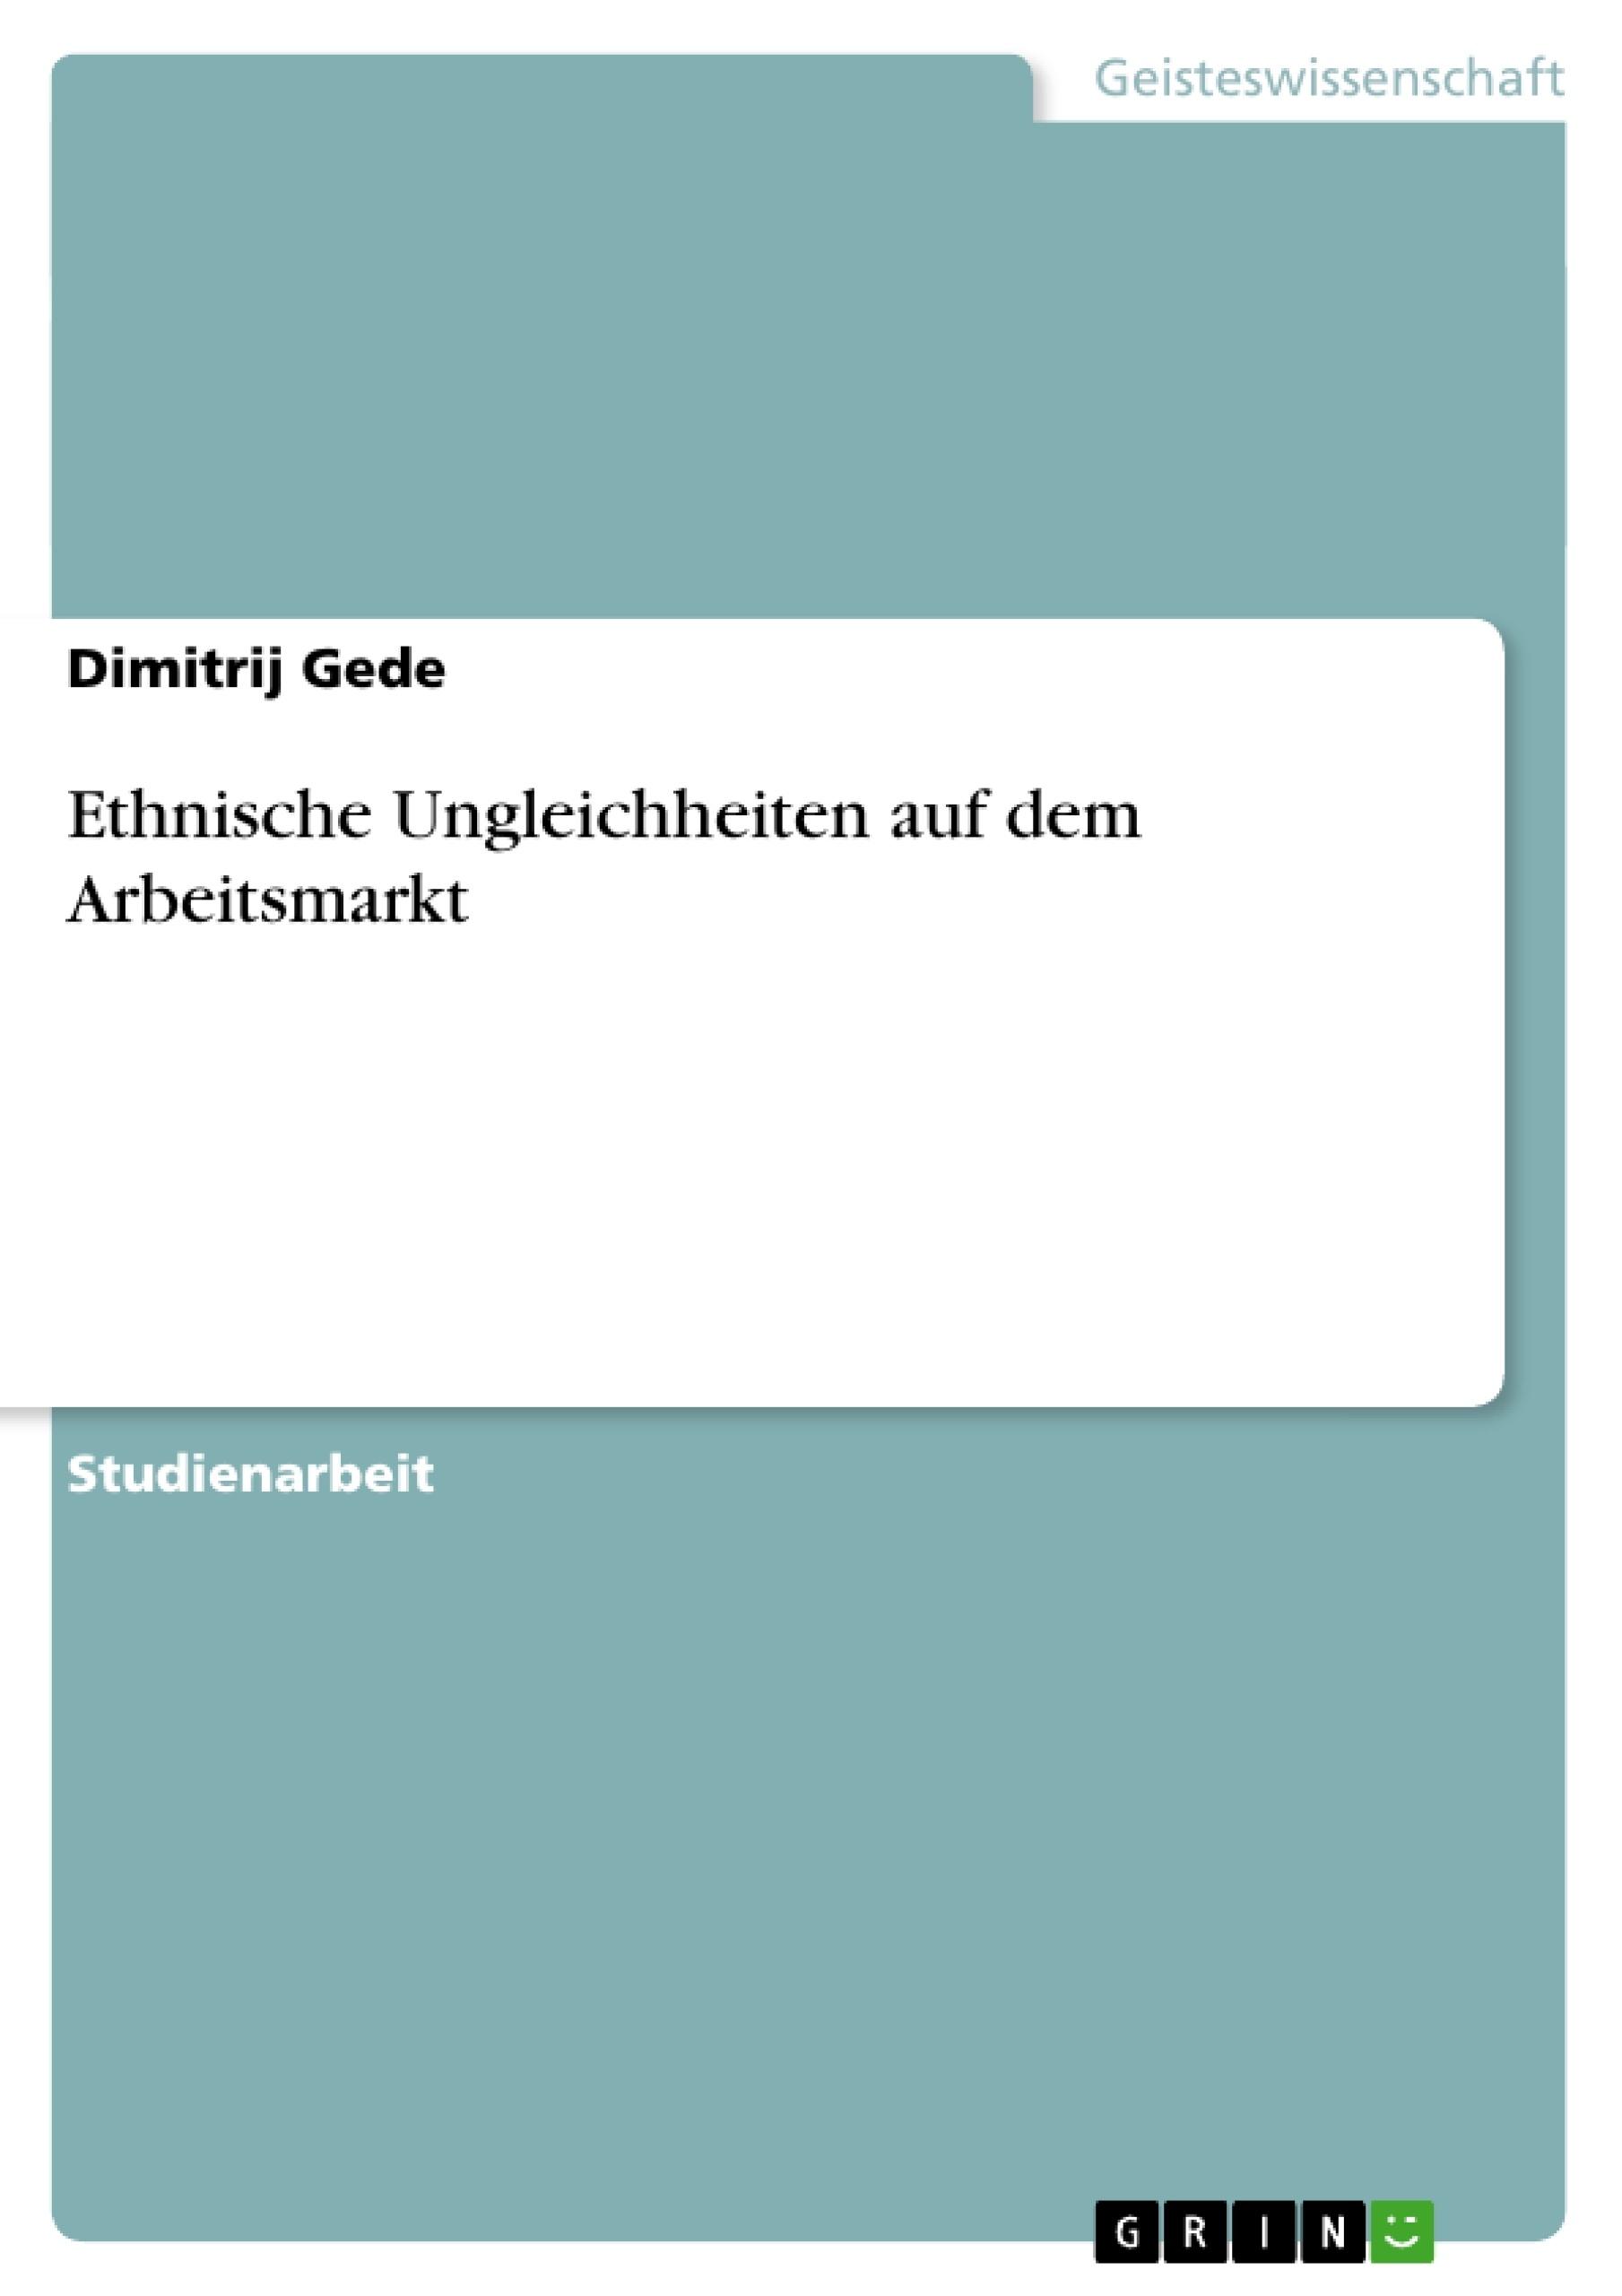 Titel: Ethnische Ungleichheiten auf dem Arbeitsmarkt